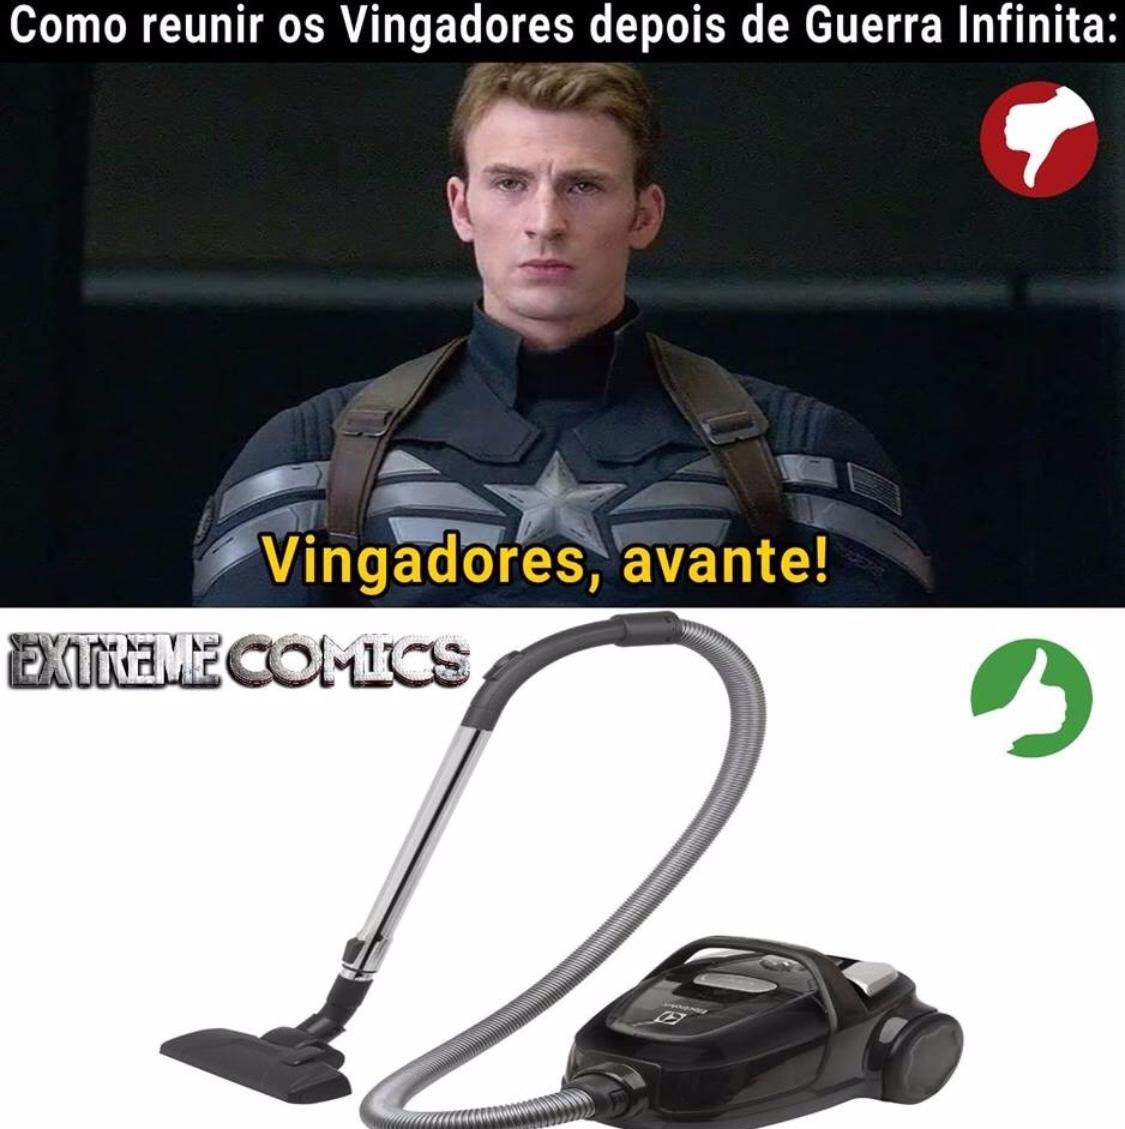 Próximo Vingadores eles vai ser cheirados - meme